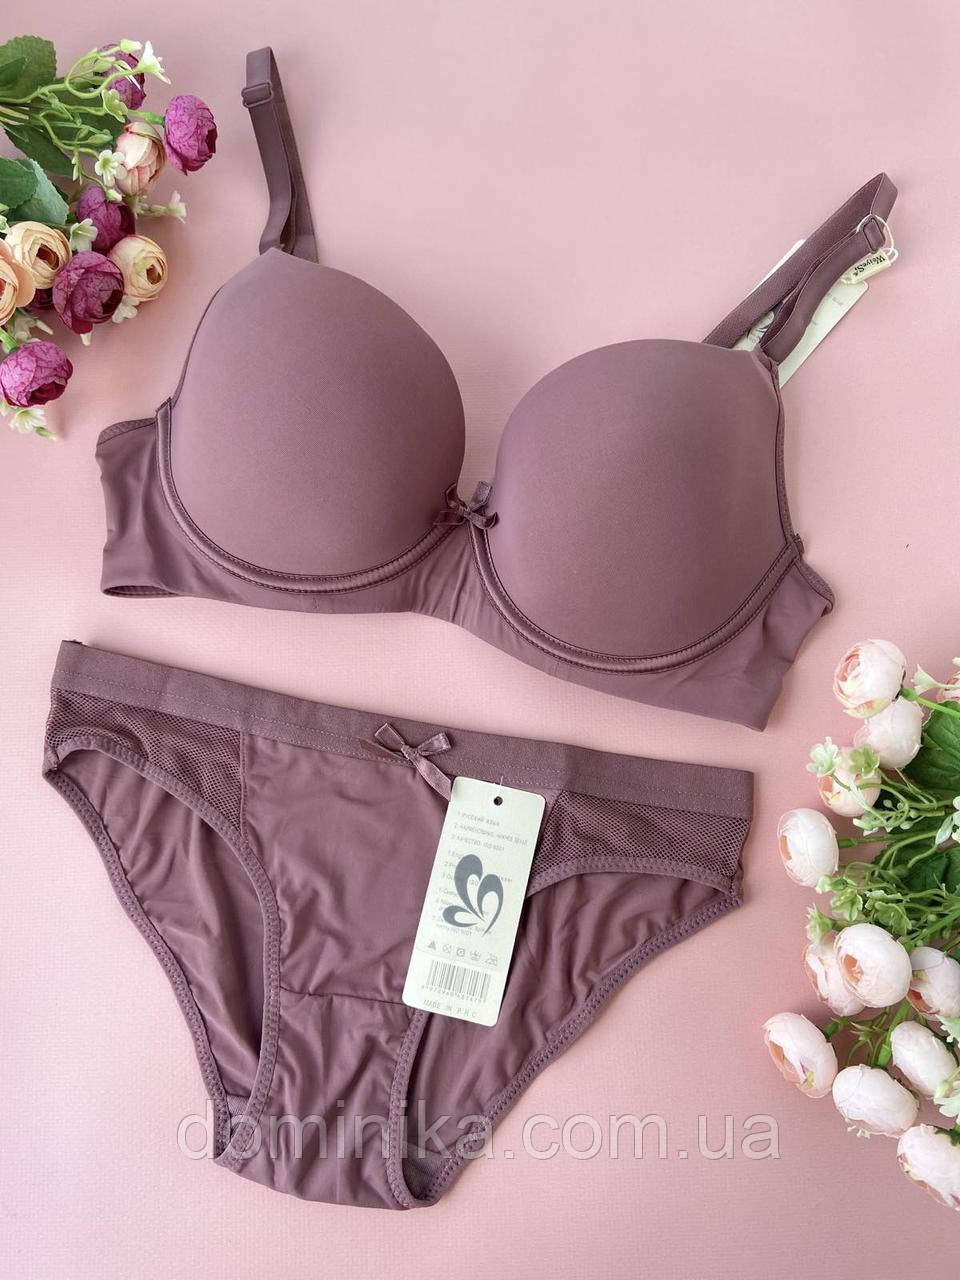 75/80C Сливовый комплект женского нижнего белья, гладкий бюст на тонком поролоне и косточках, трусики слип